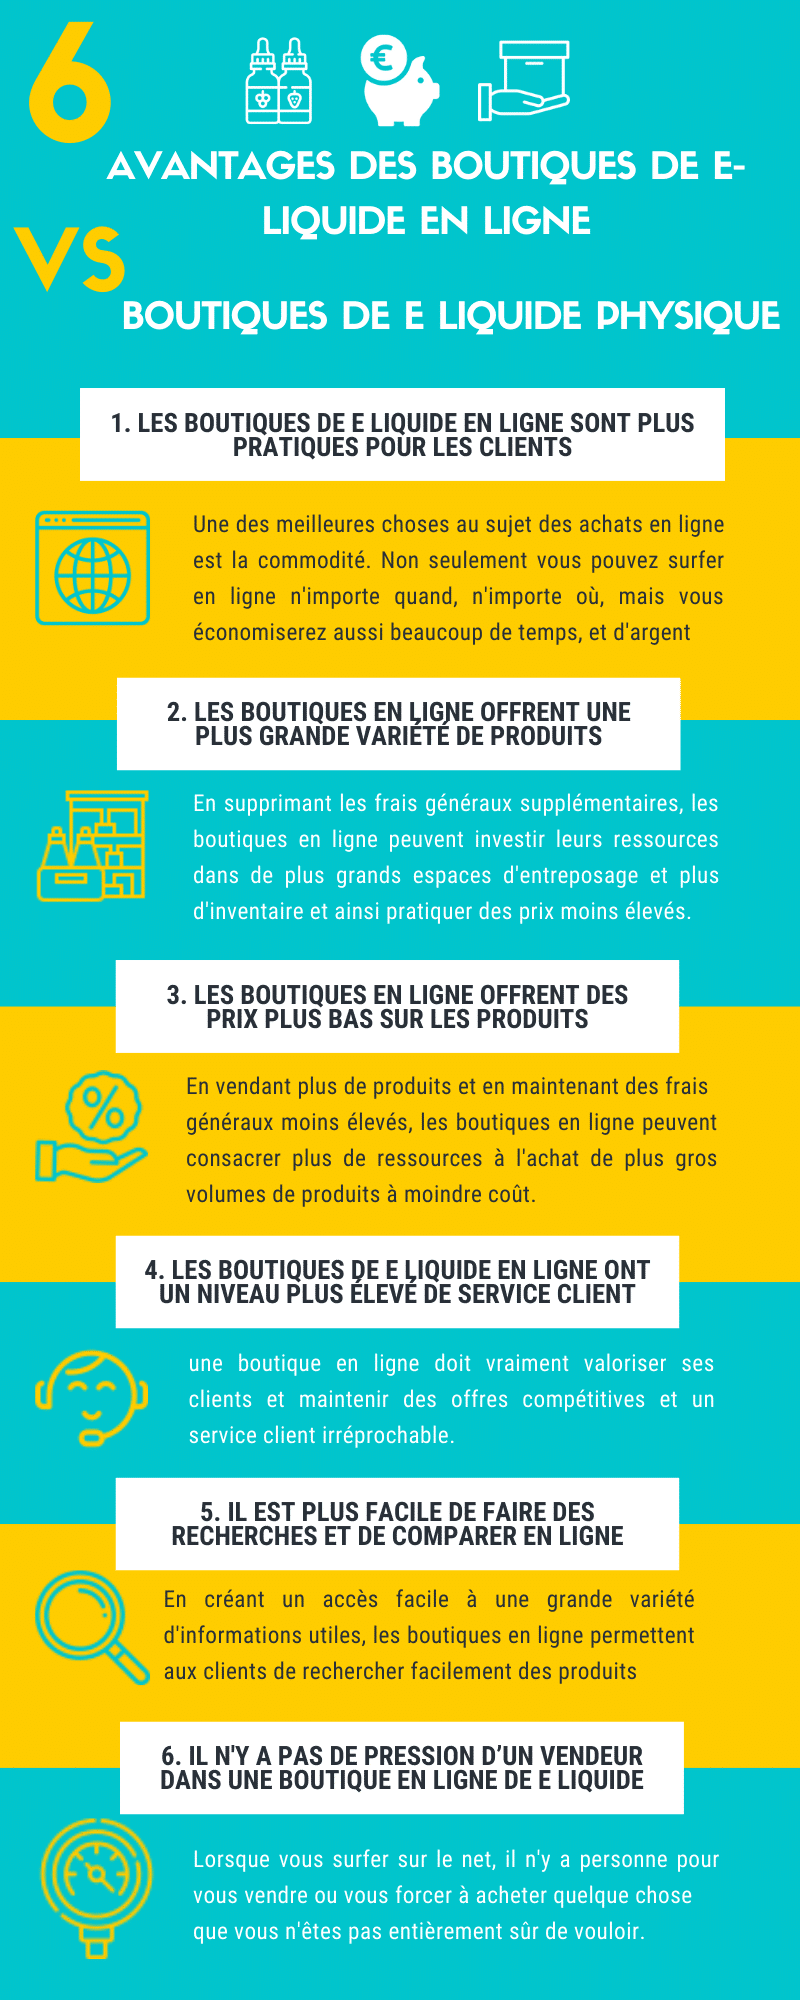 6 Avantages des boutiques d'E-liquide en ligne VS boutiques d'E liquide de quartier eliquide-DIY.fr